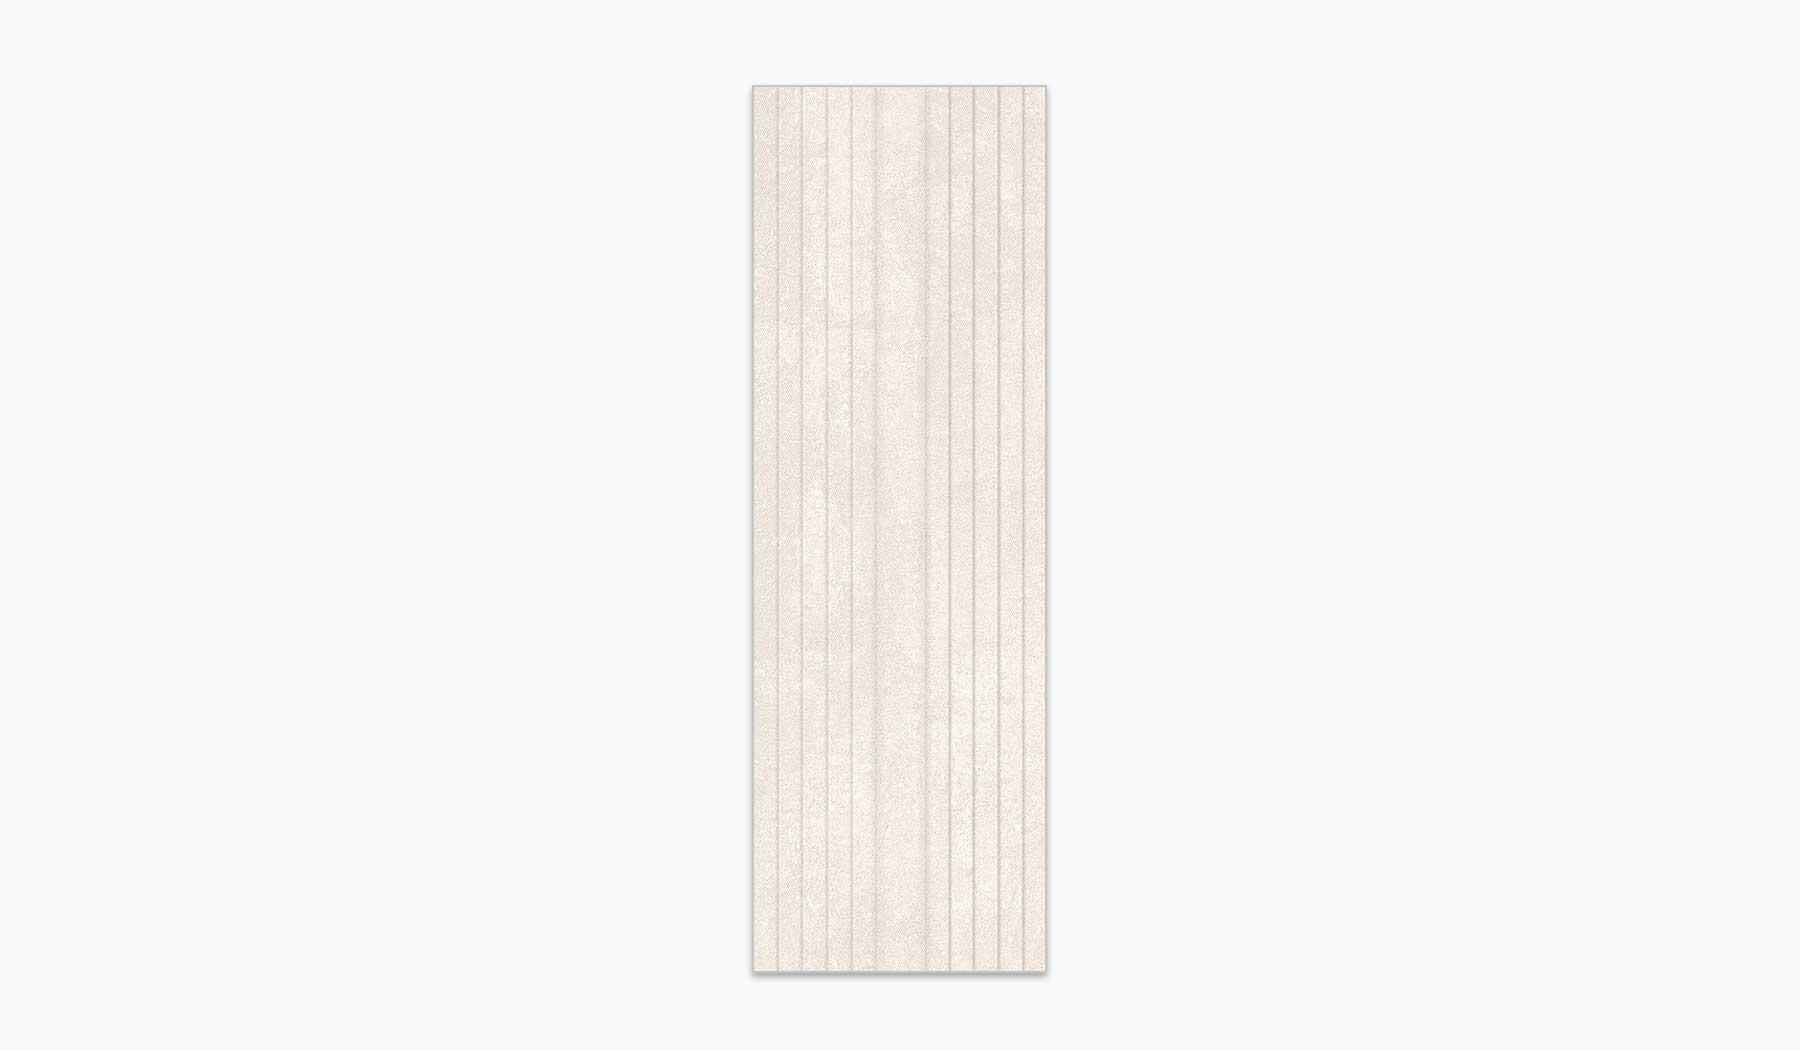 کاشی و سرامیک بوم سرامیک ، کاشی دیوار مرسالا دکور کرم تیره سایز 90 * 30 لعاب مات پانچ با زمینه سیمانی